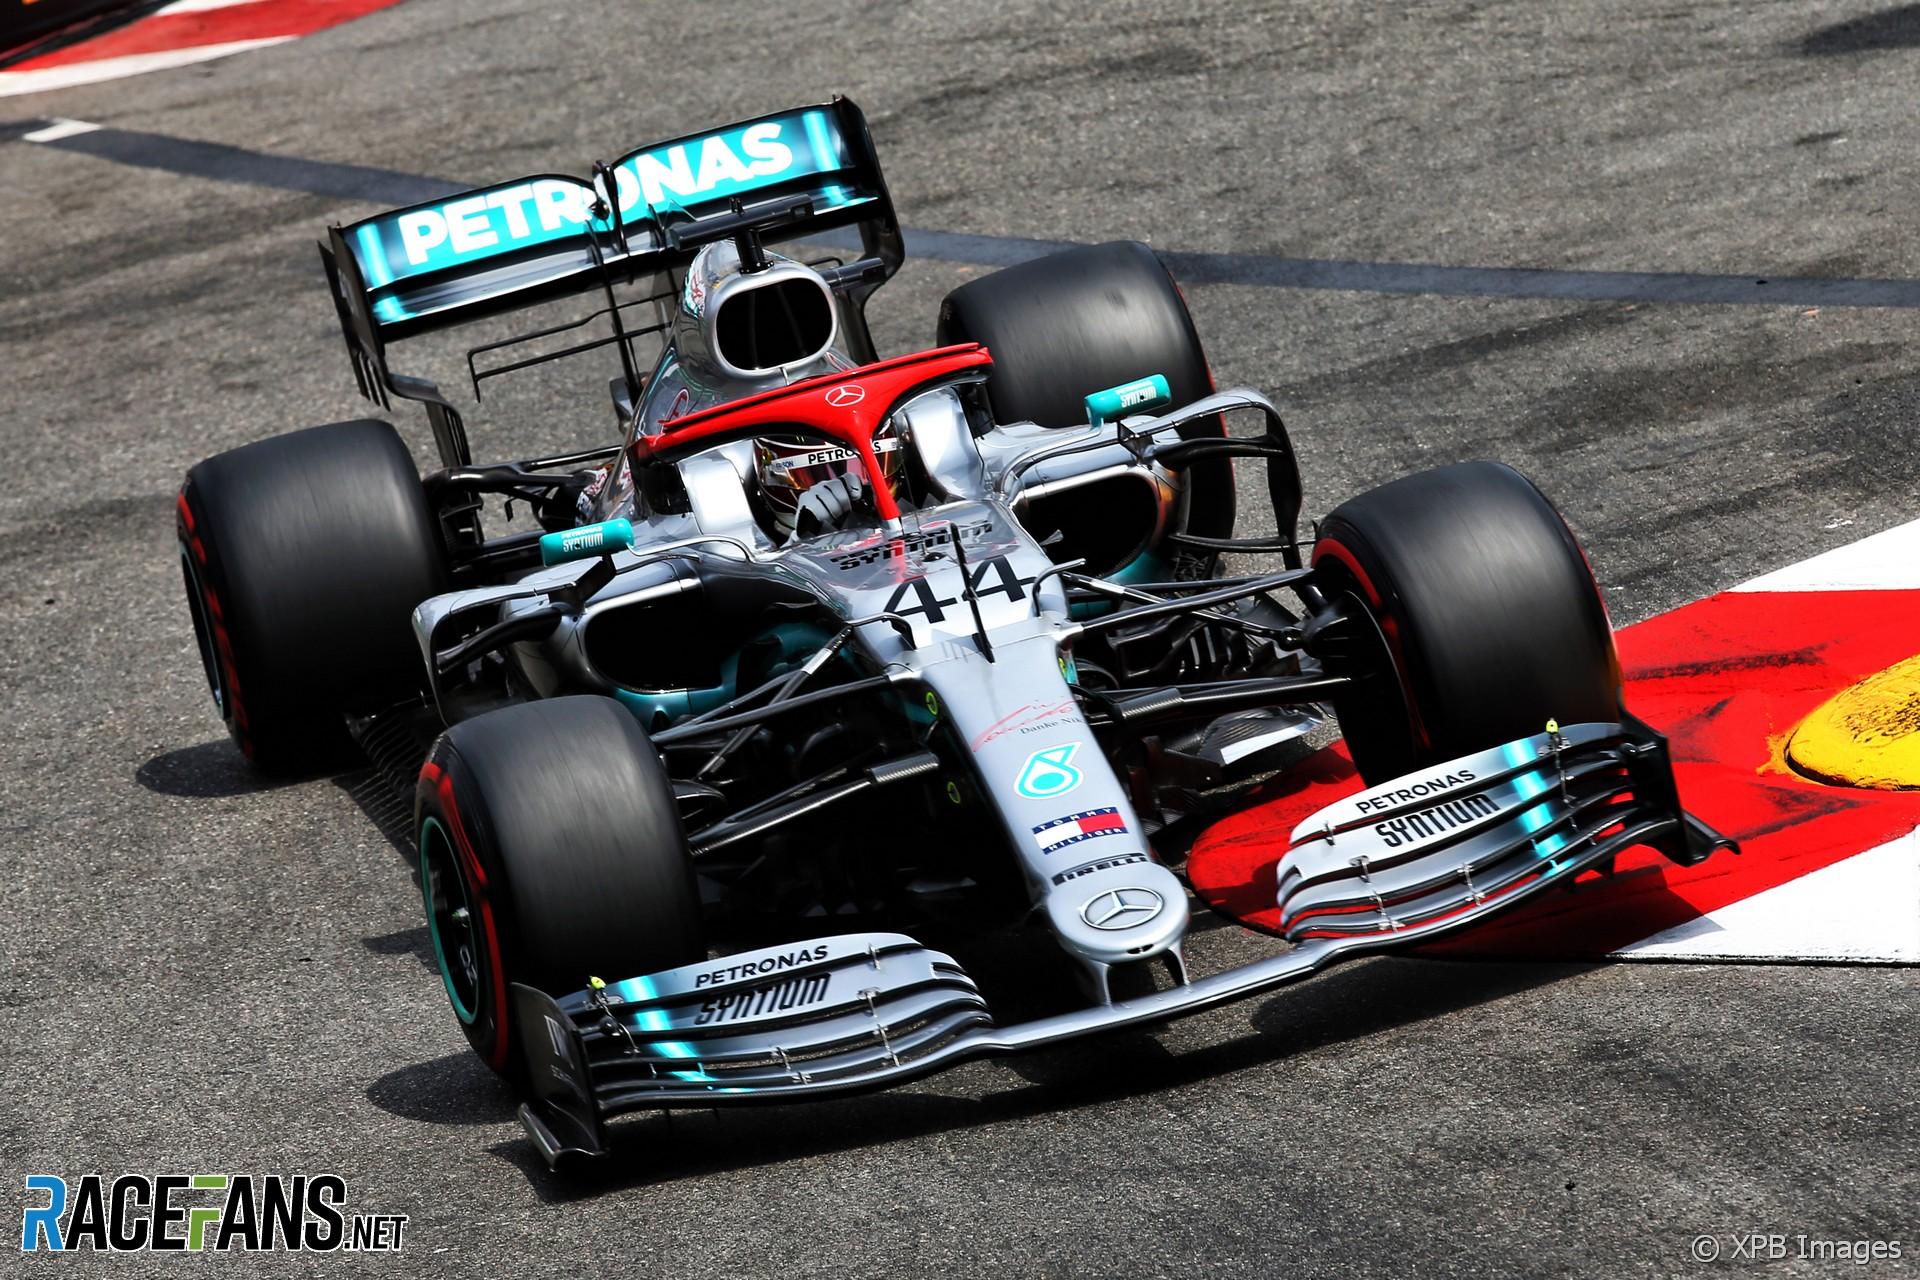 2019 Monaco Grand Prix grid